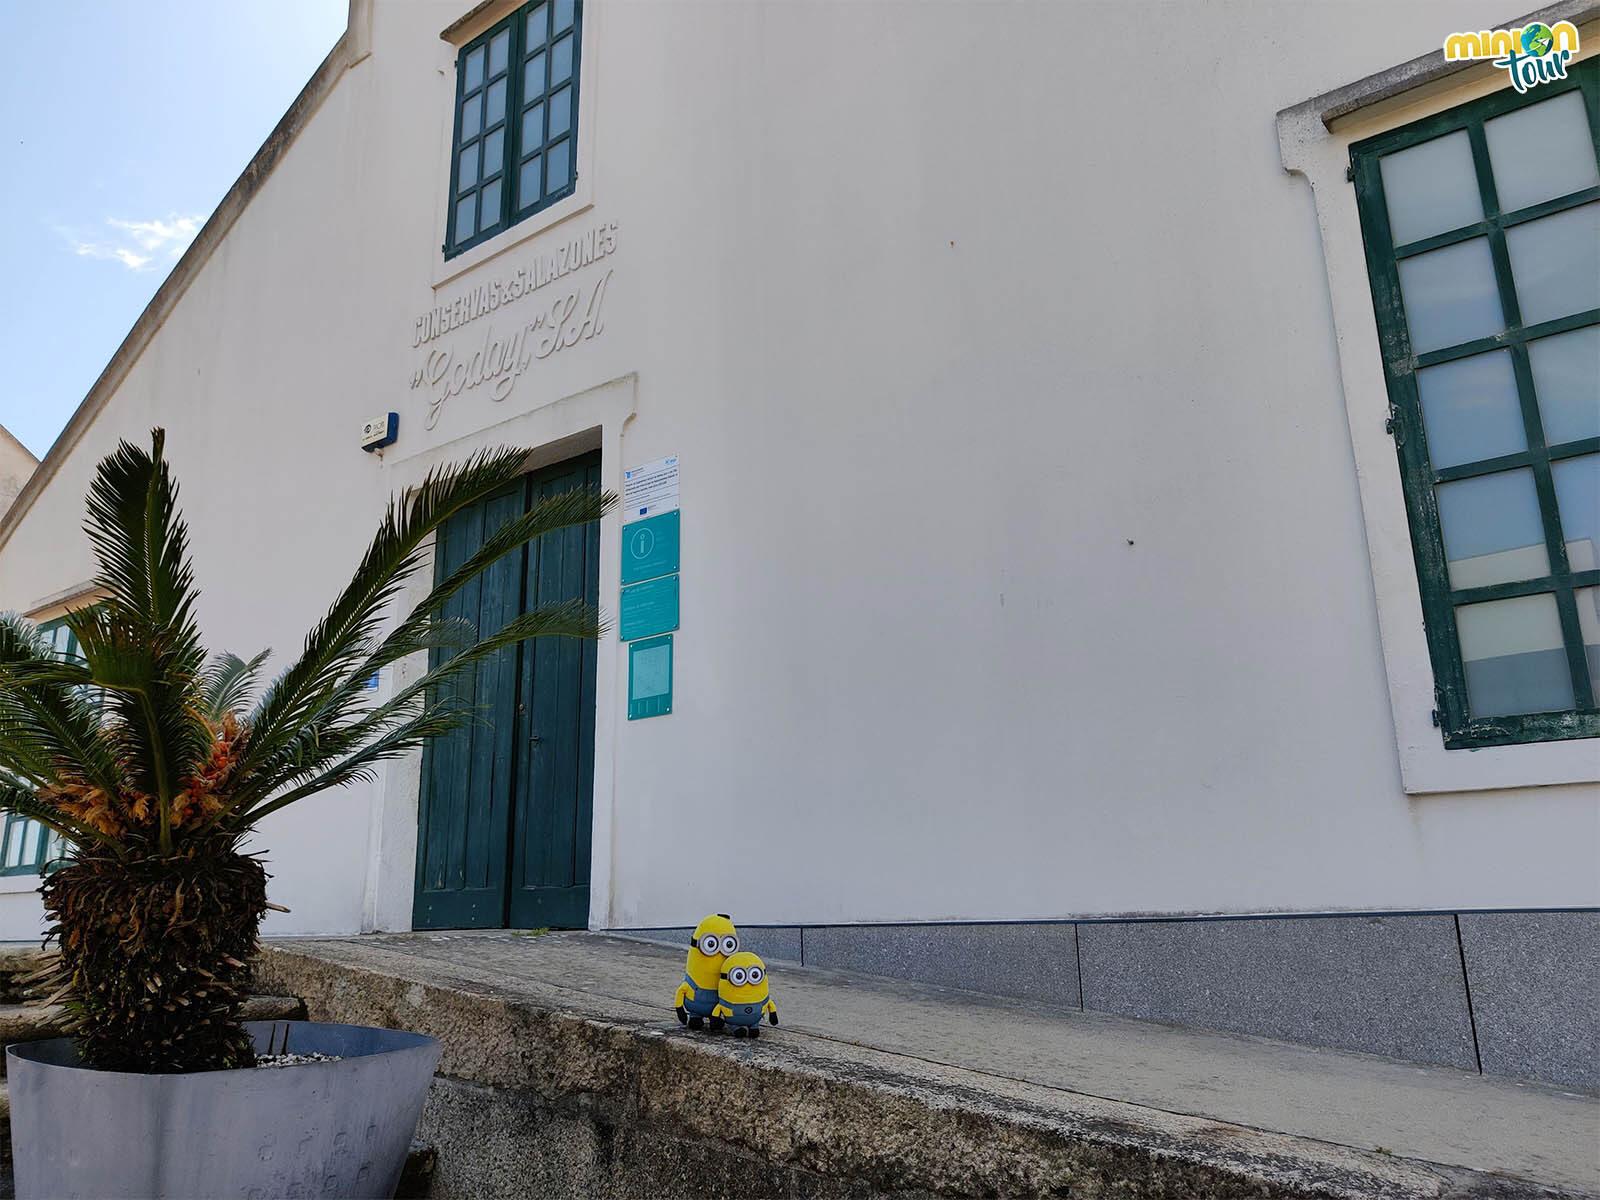 La Oficina de Turismo está en Conservas Goday y es una de las cosas que ver en A Illa de Arousa